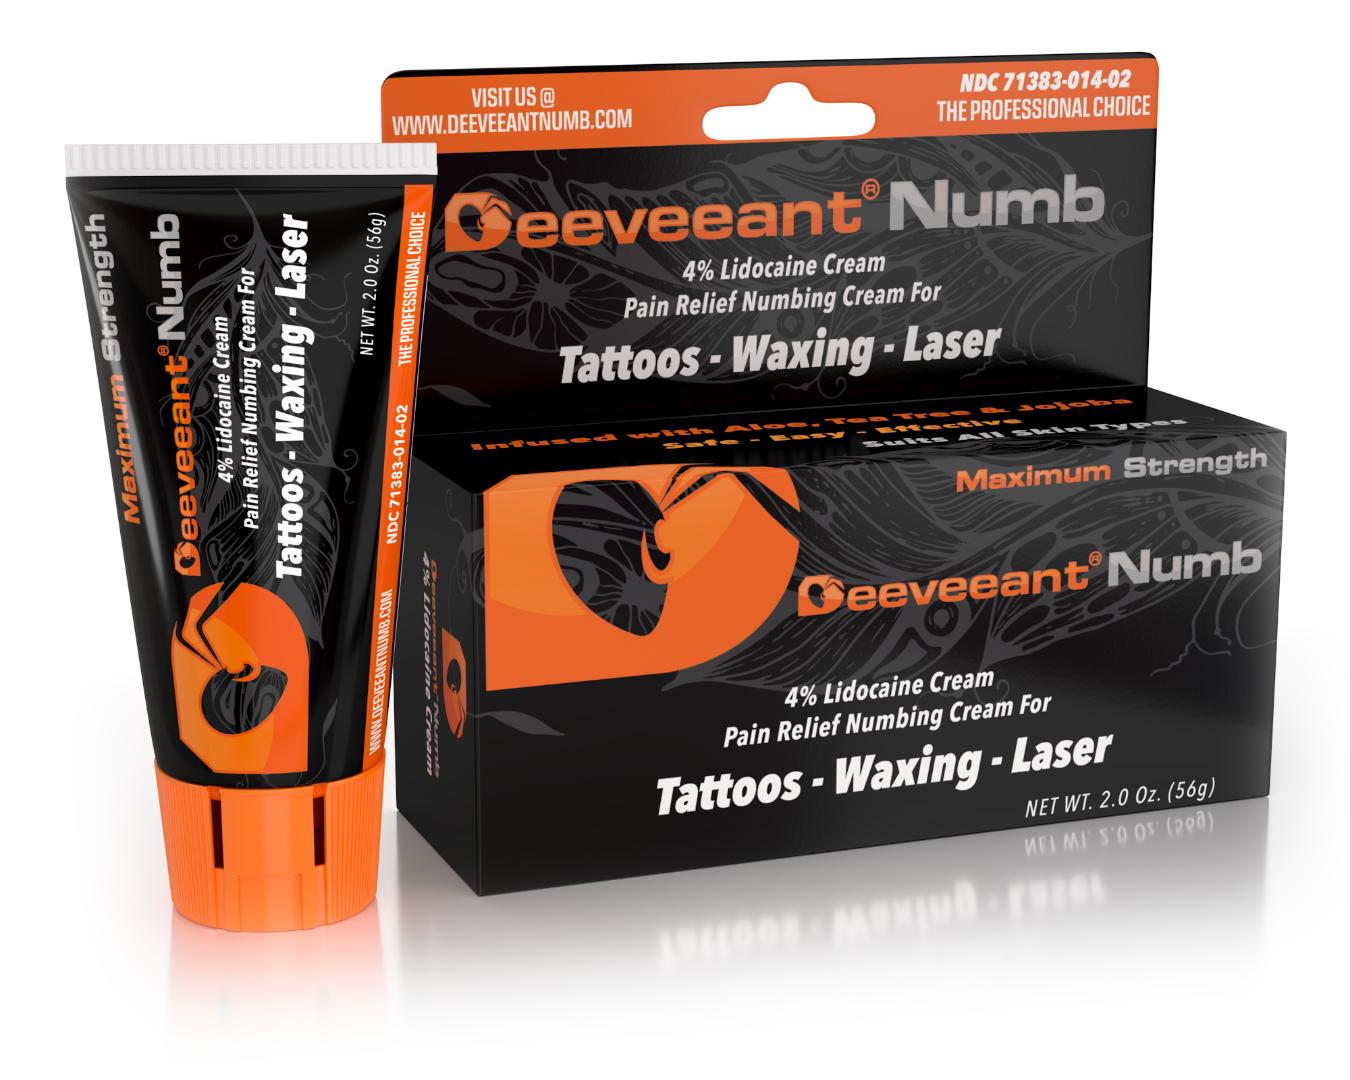 Deeveeant Numbing Cream - Anesthetic Skin Numbing Cream